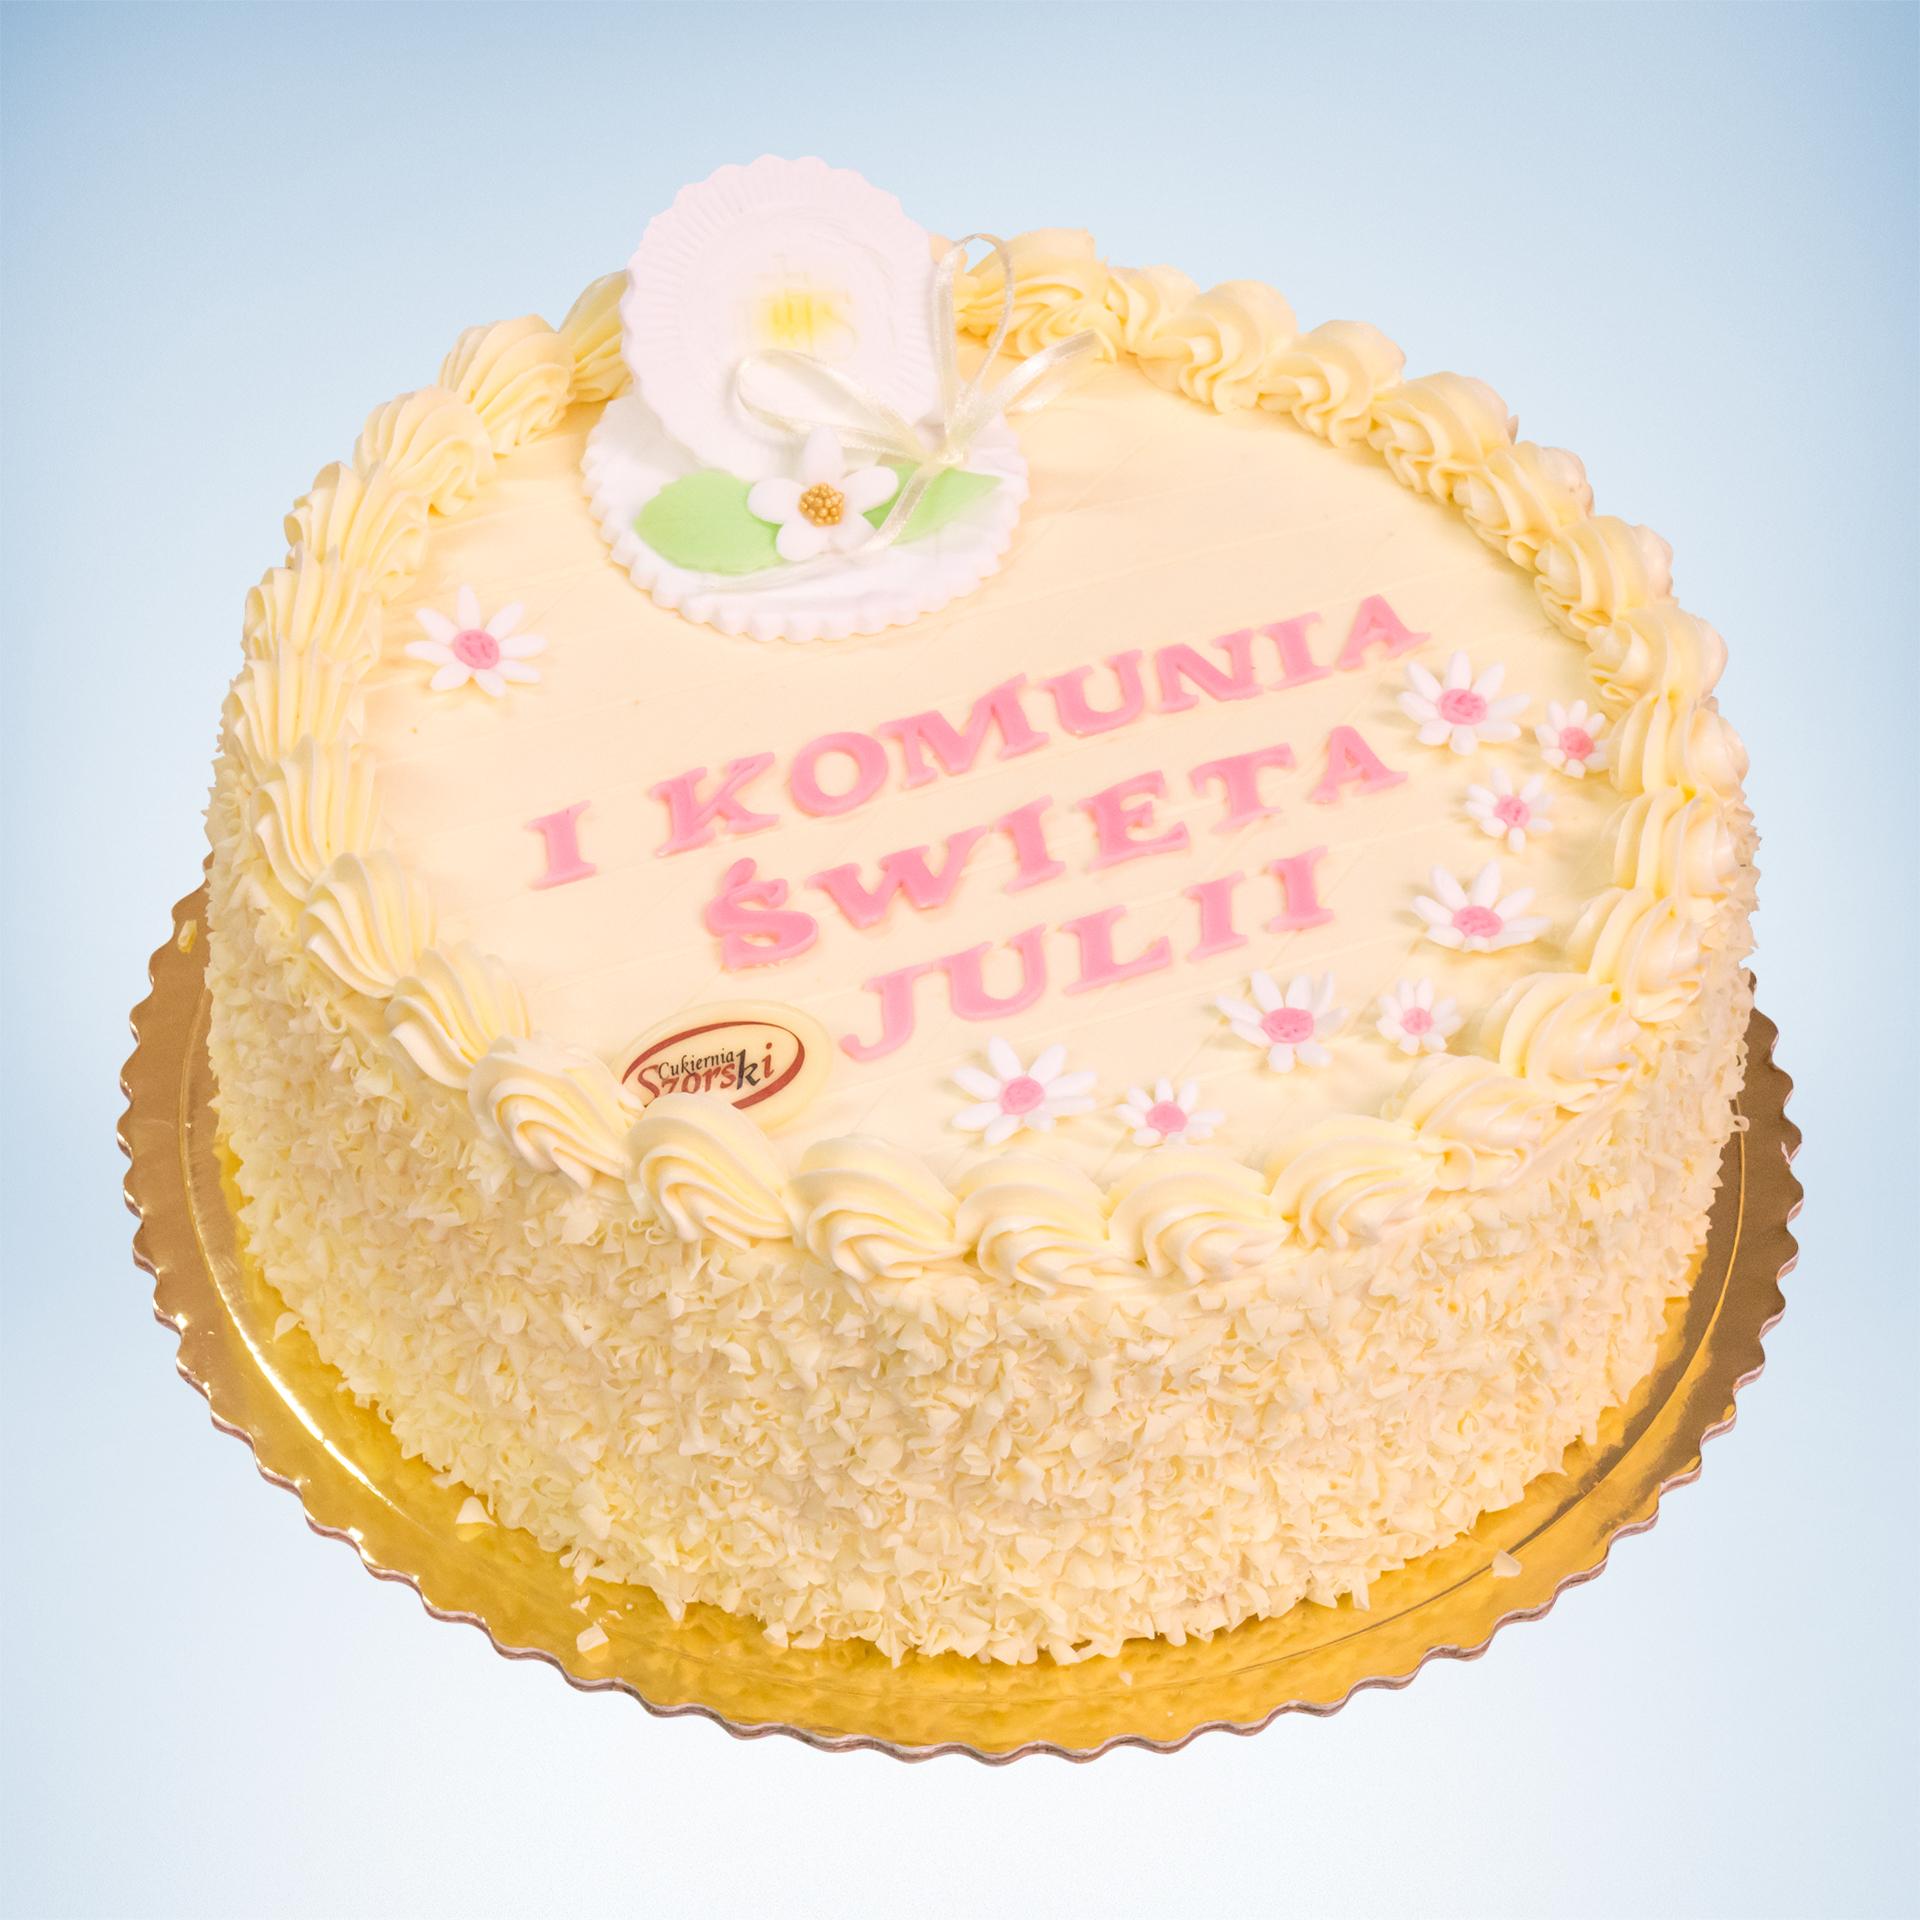 tort na komunie jasny maly